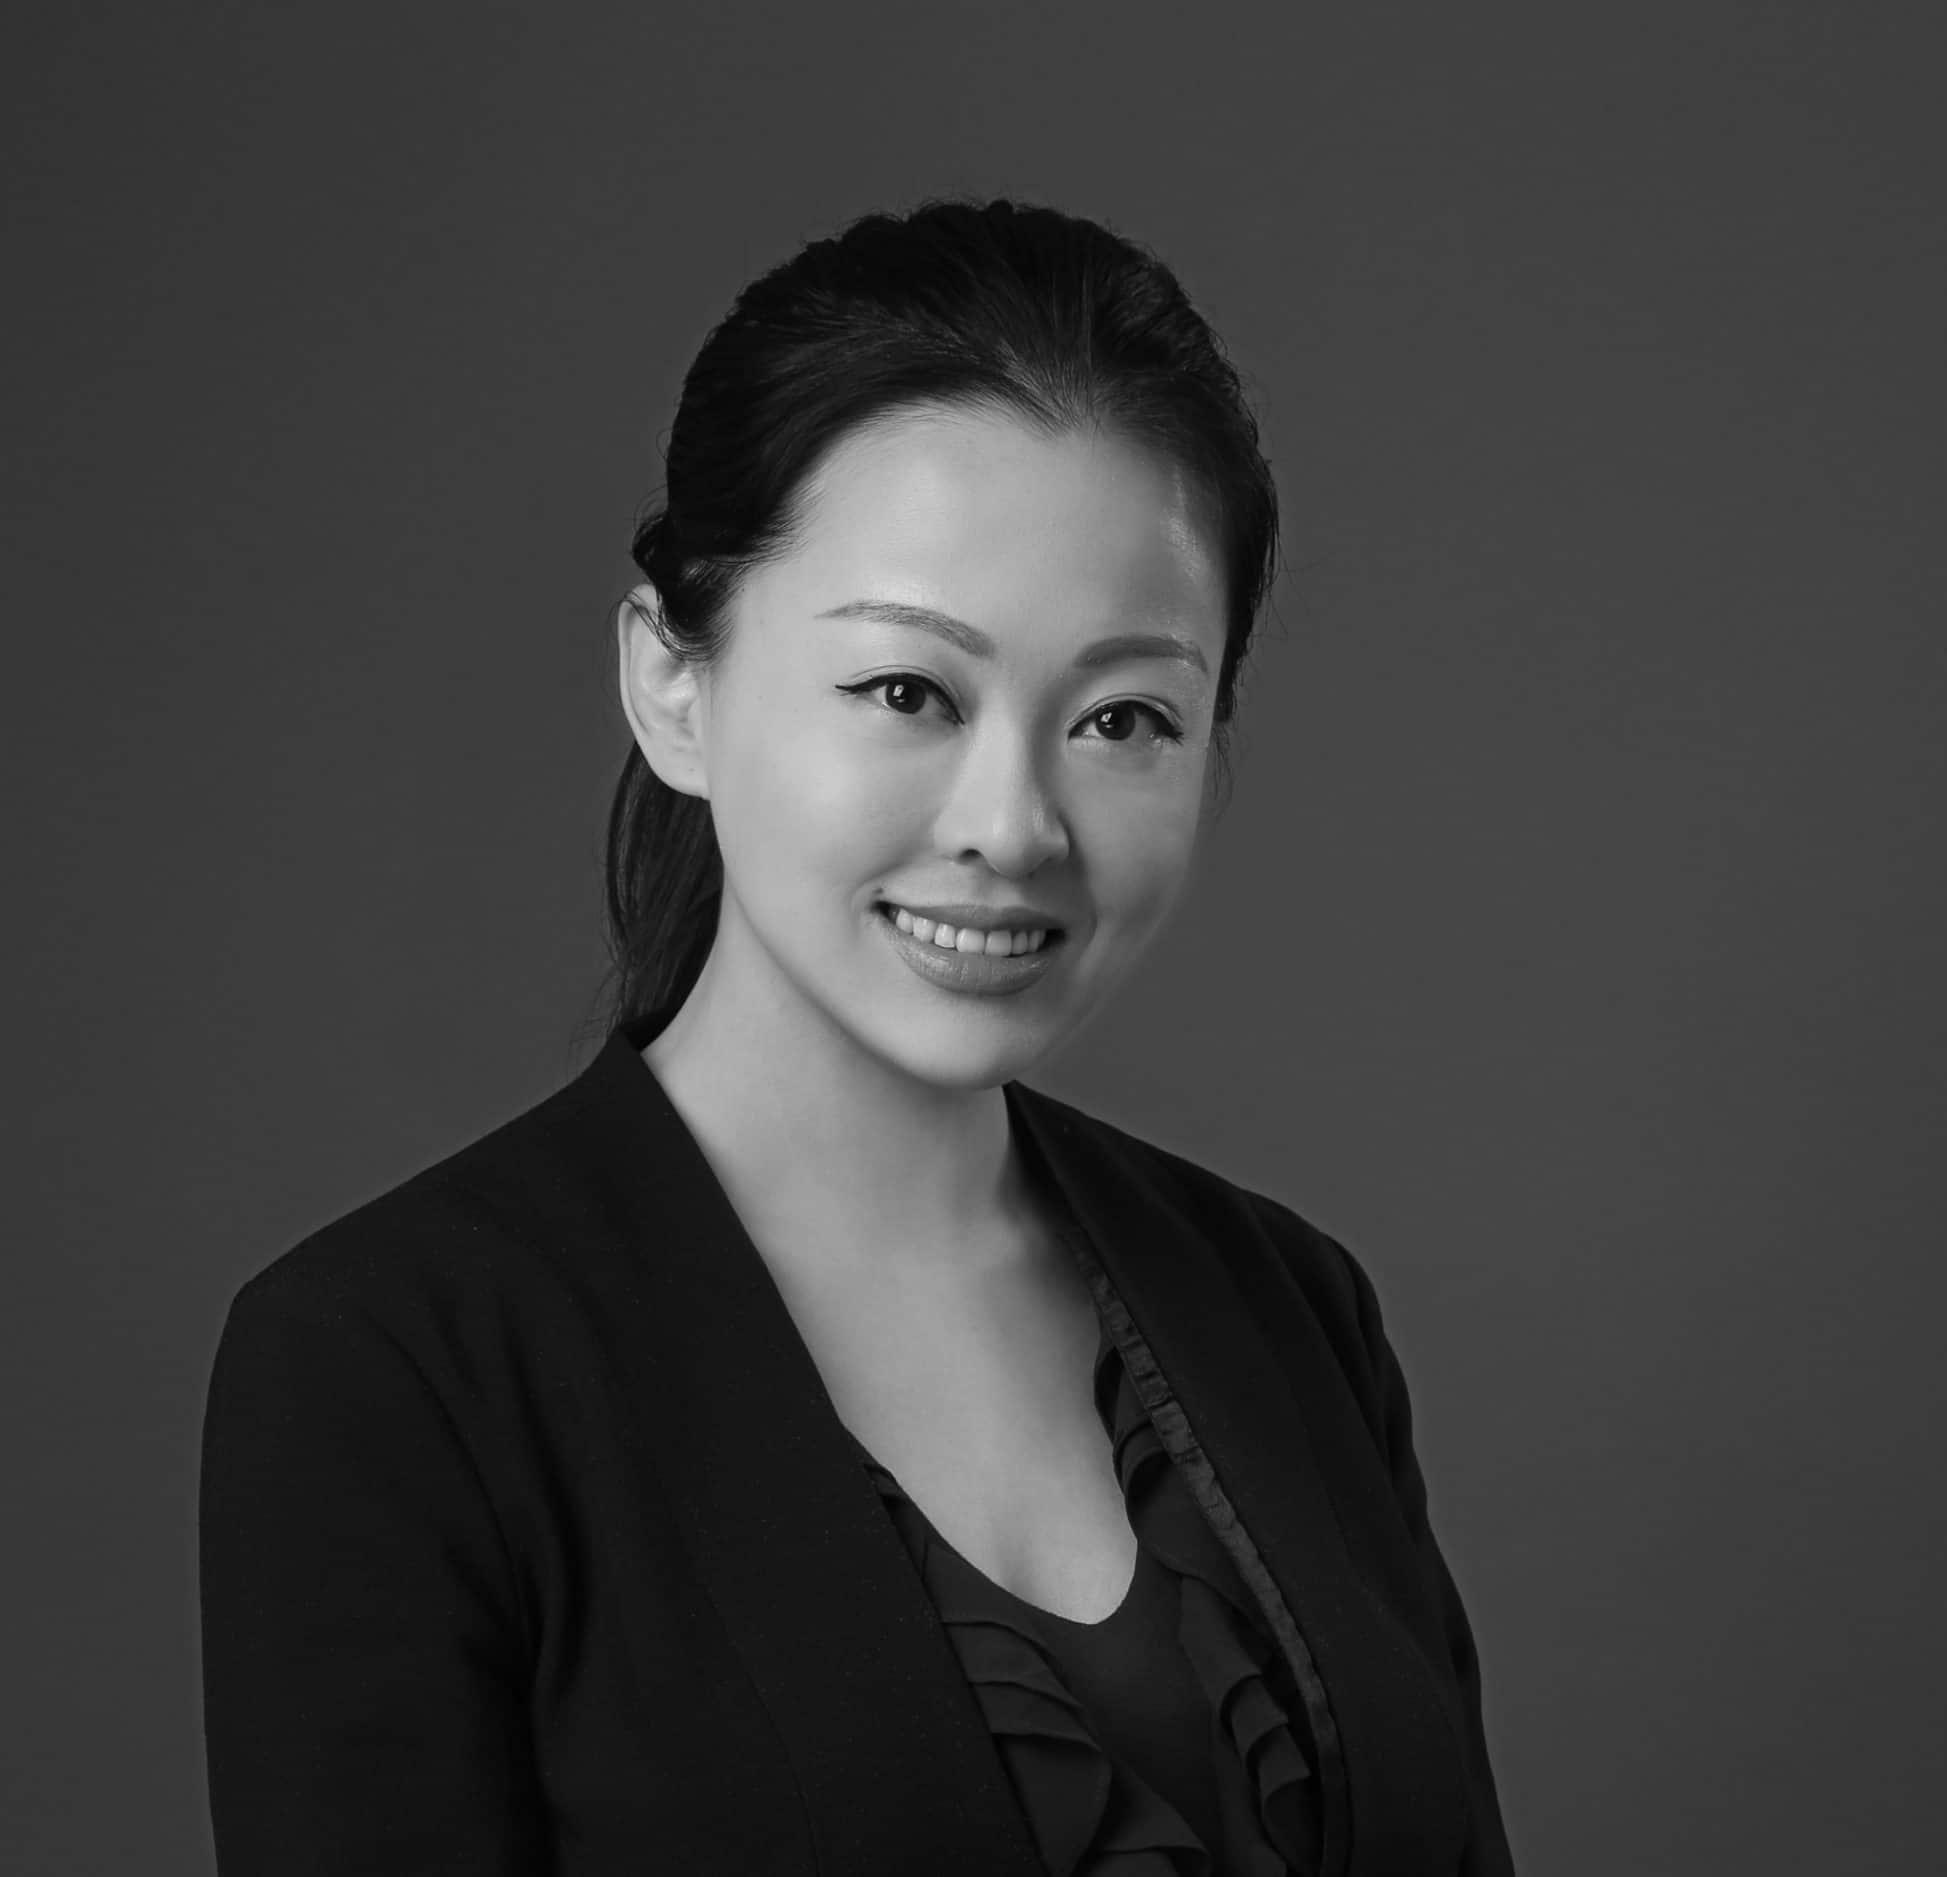 Cecilia Yang